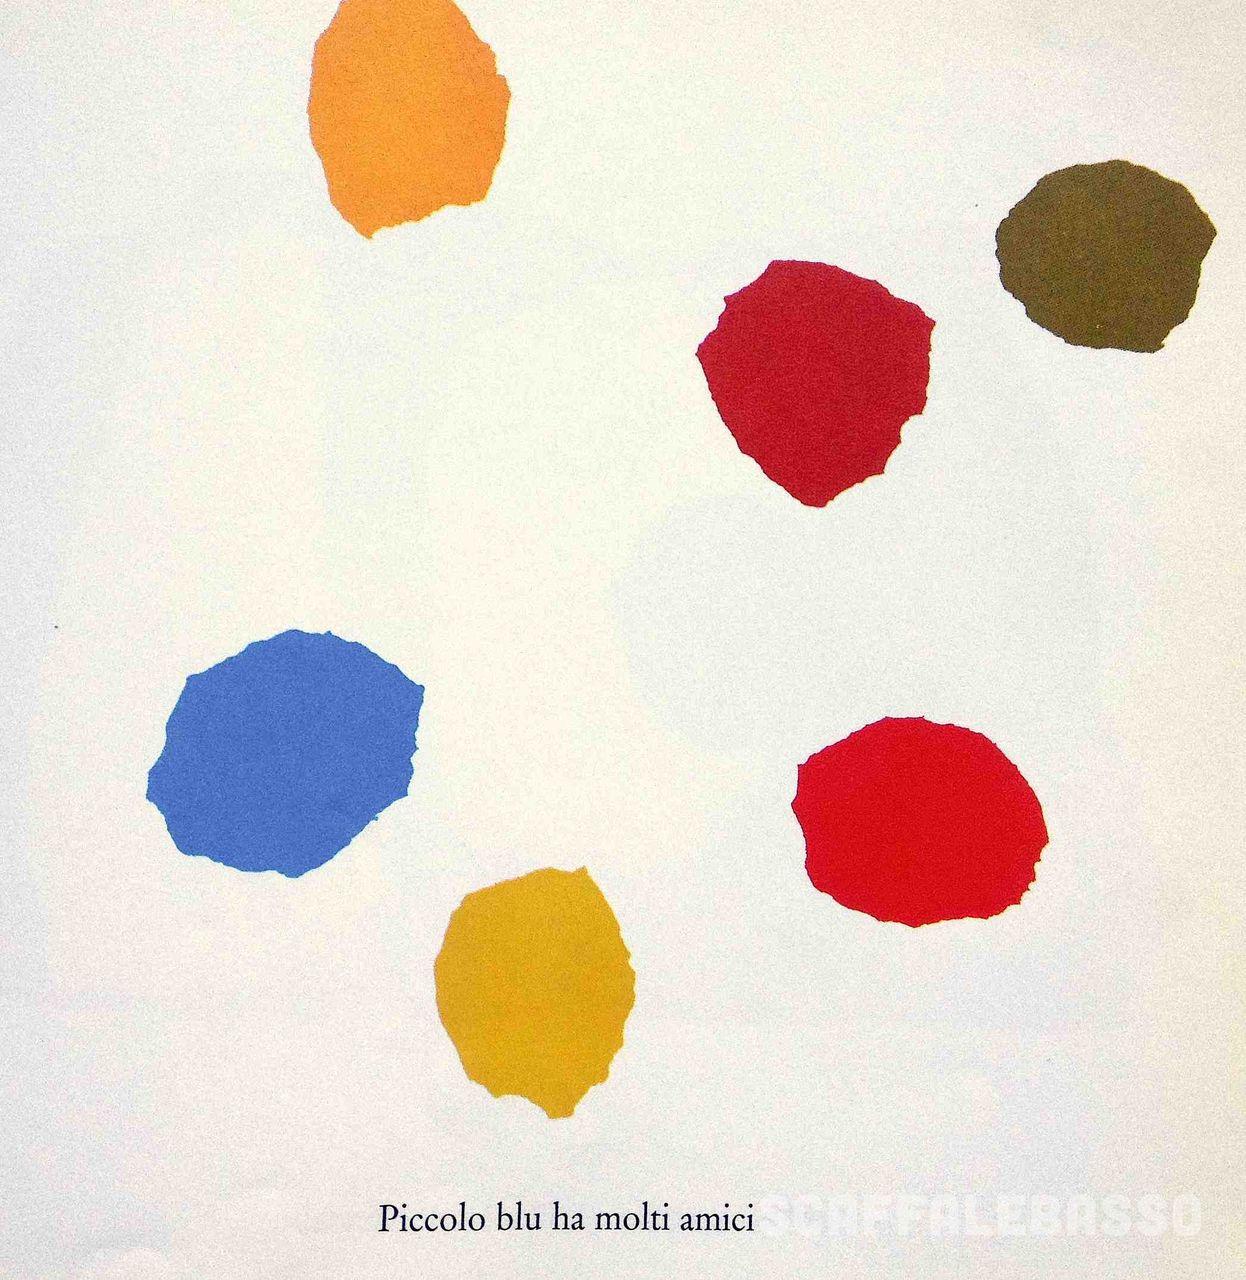 Leo Lionni, Piccolo blu e piccolo giallo, Babalibri